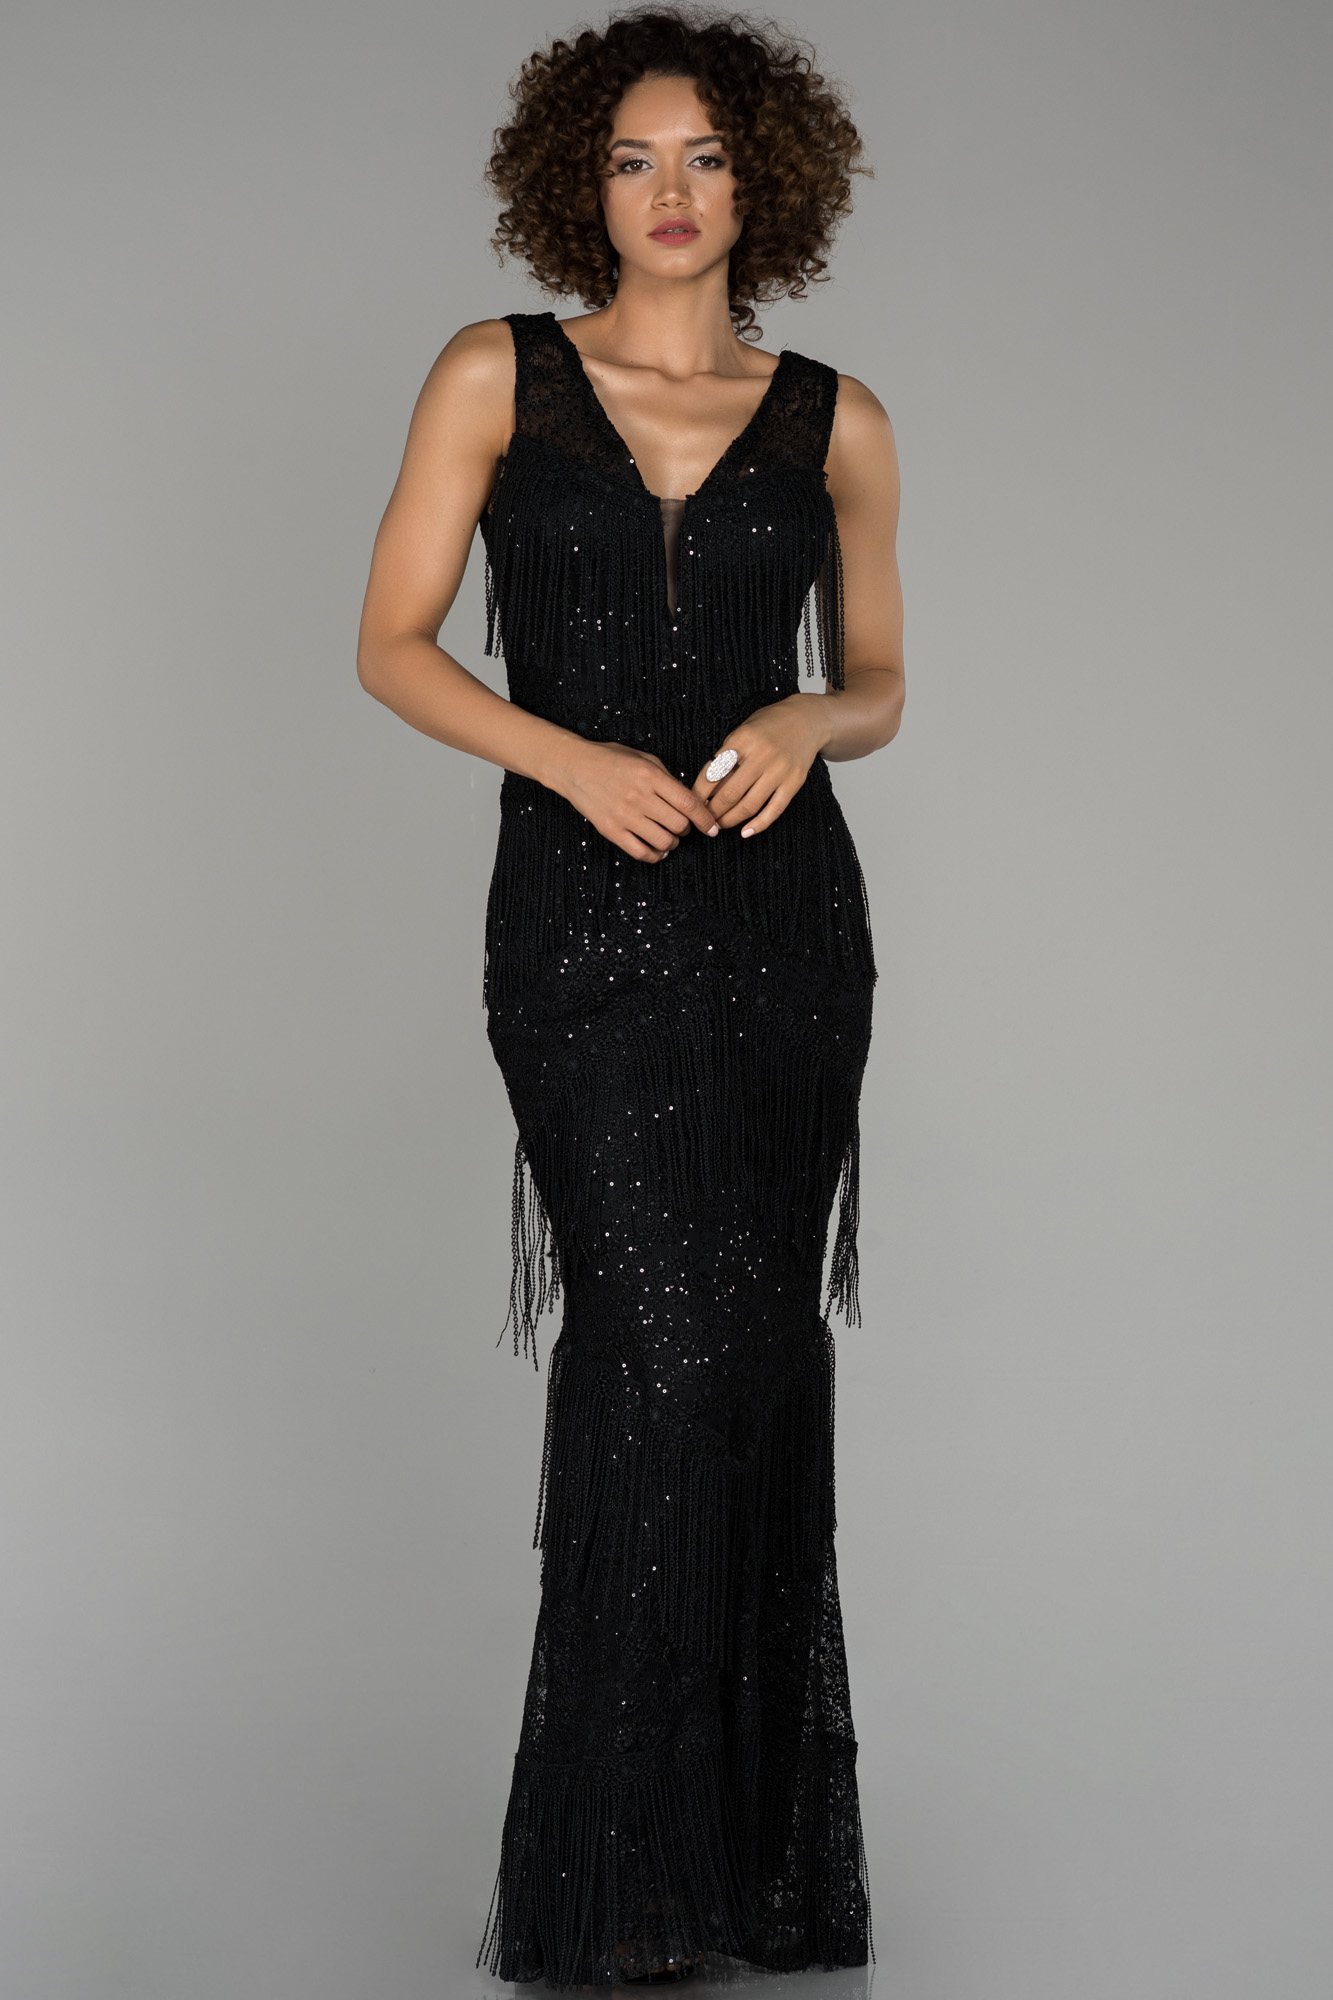 Siyah Uzun Püsküllü Pul Detaylı Abiye Elbise